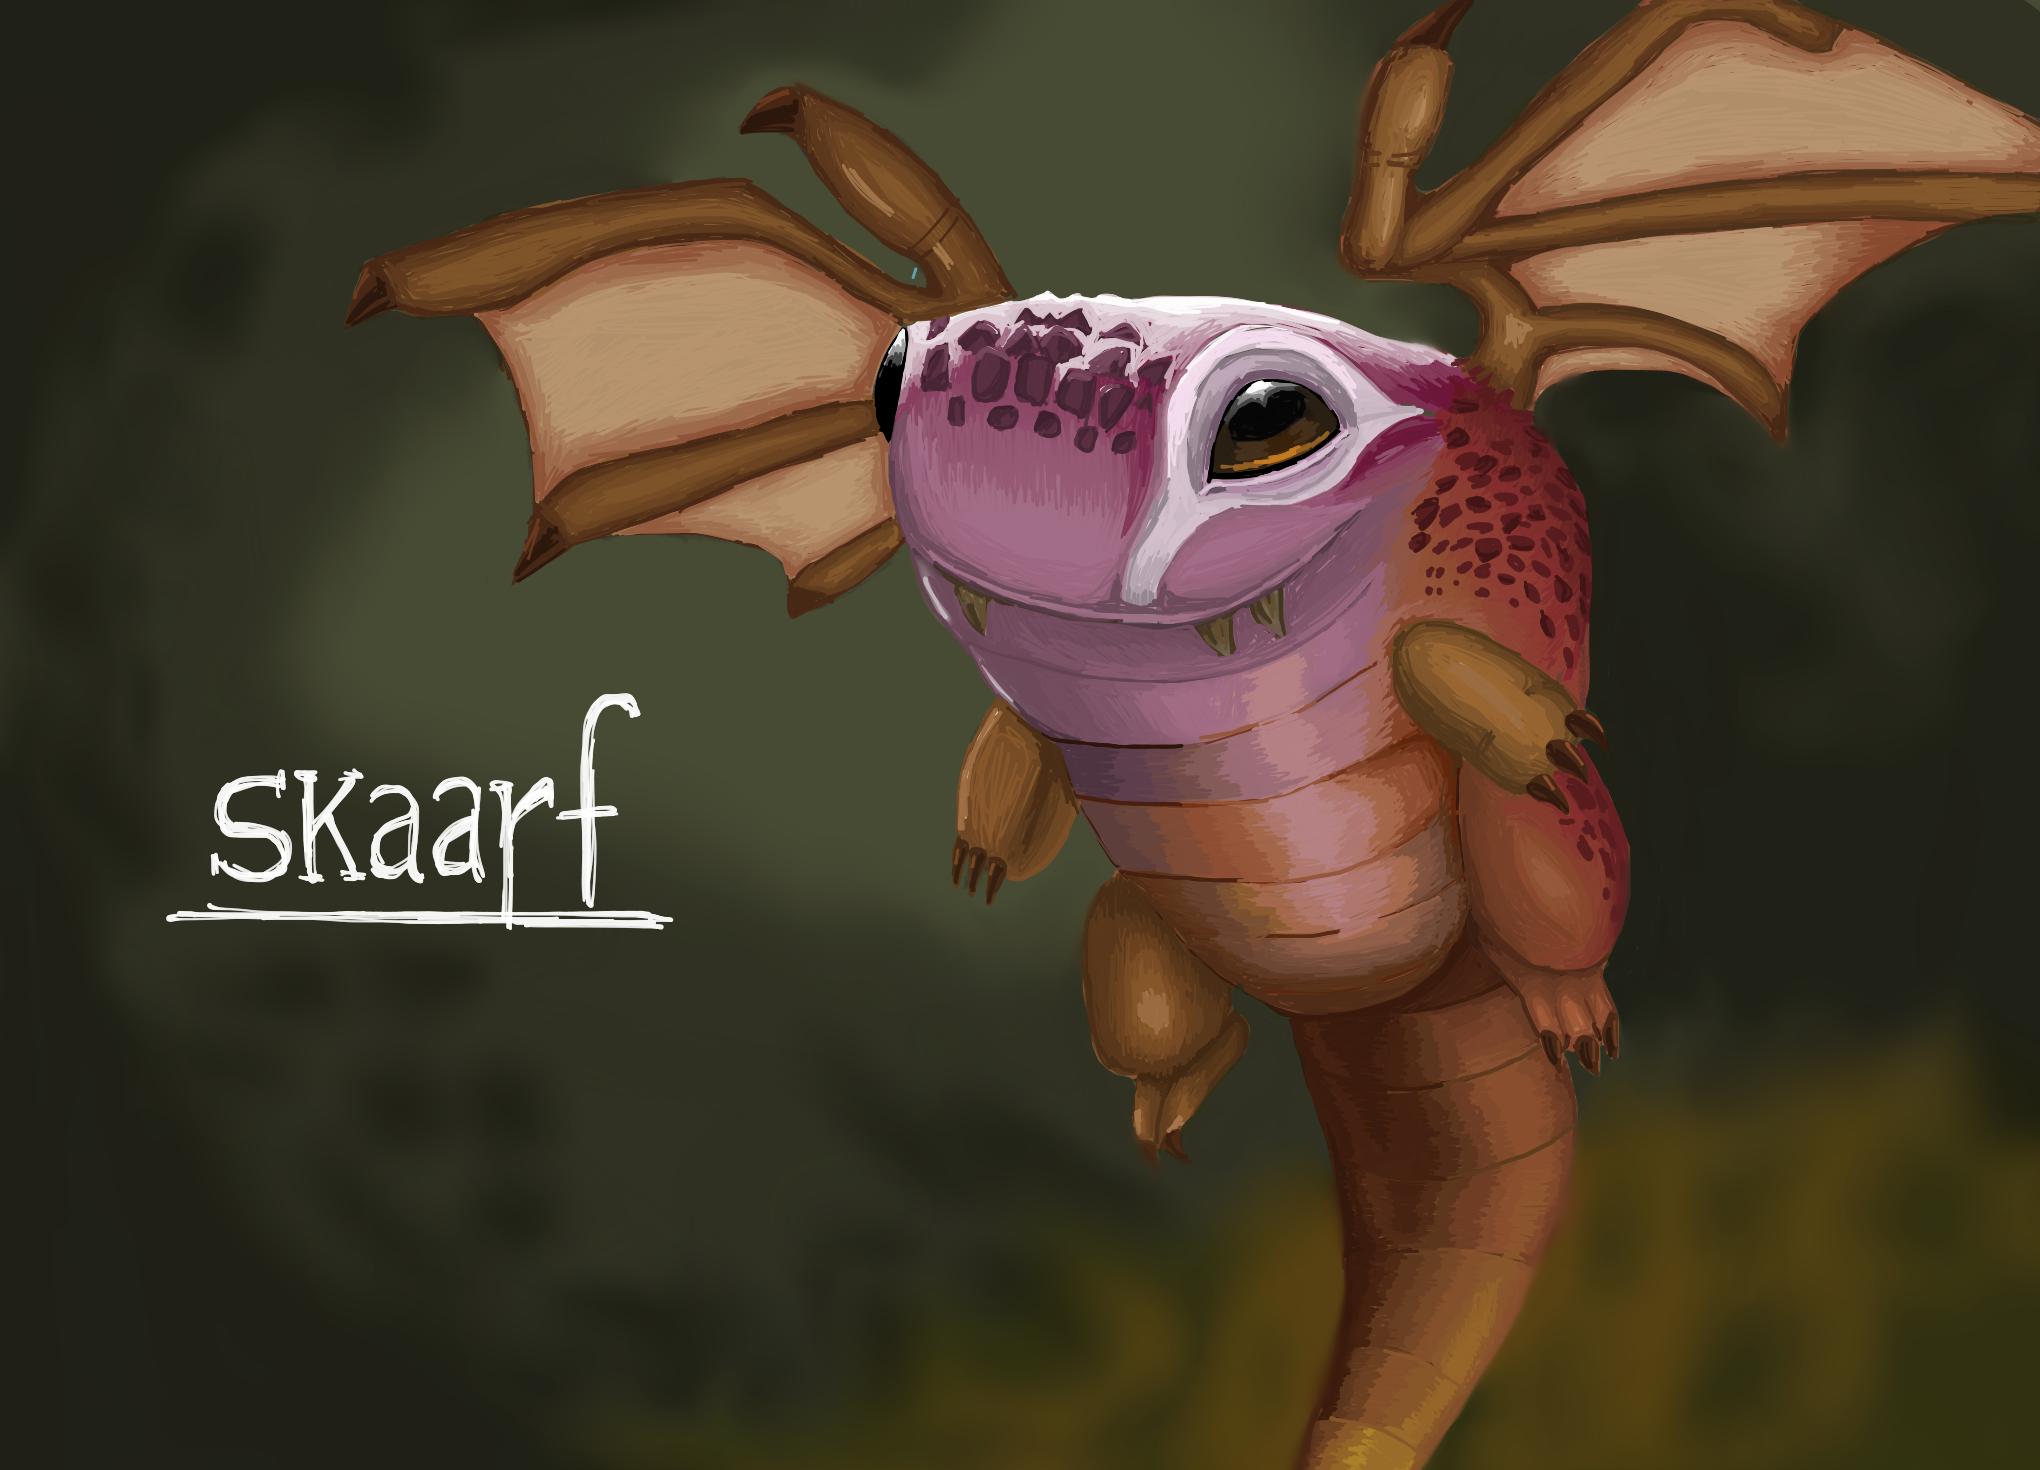 Skaarf from Vainglory